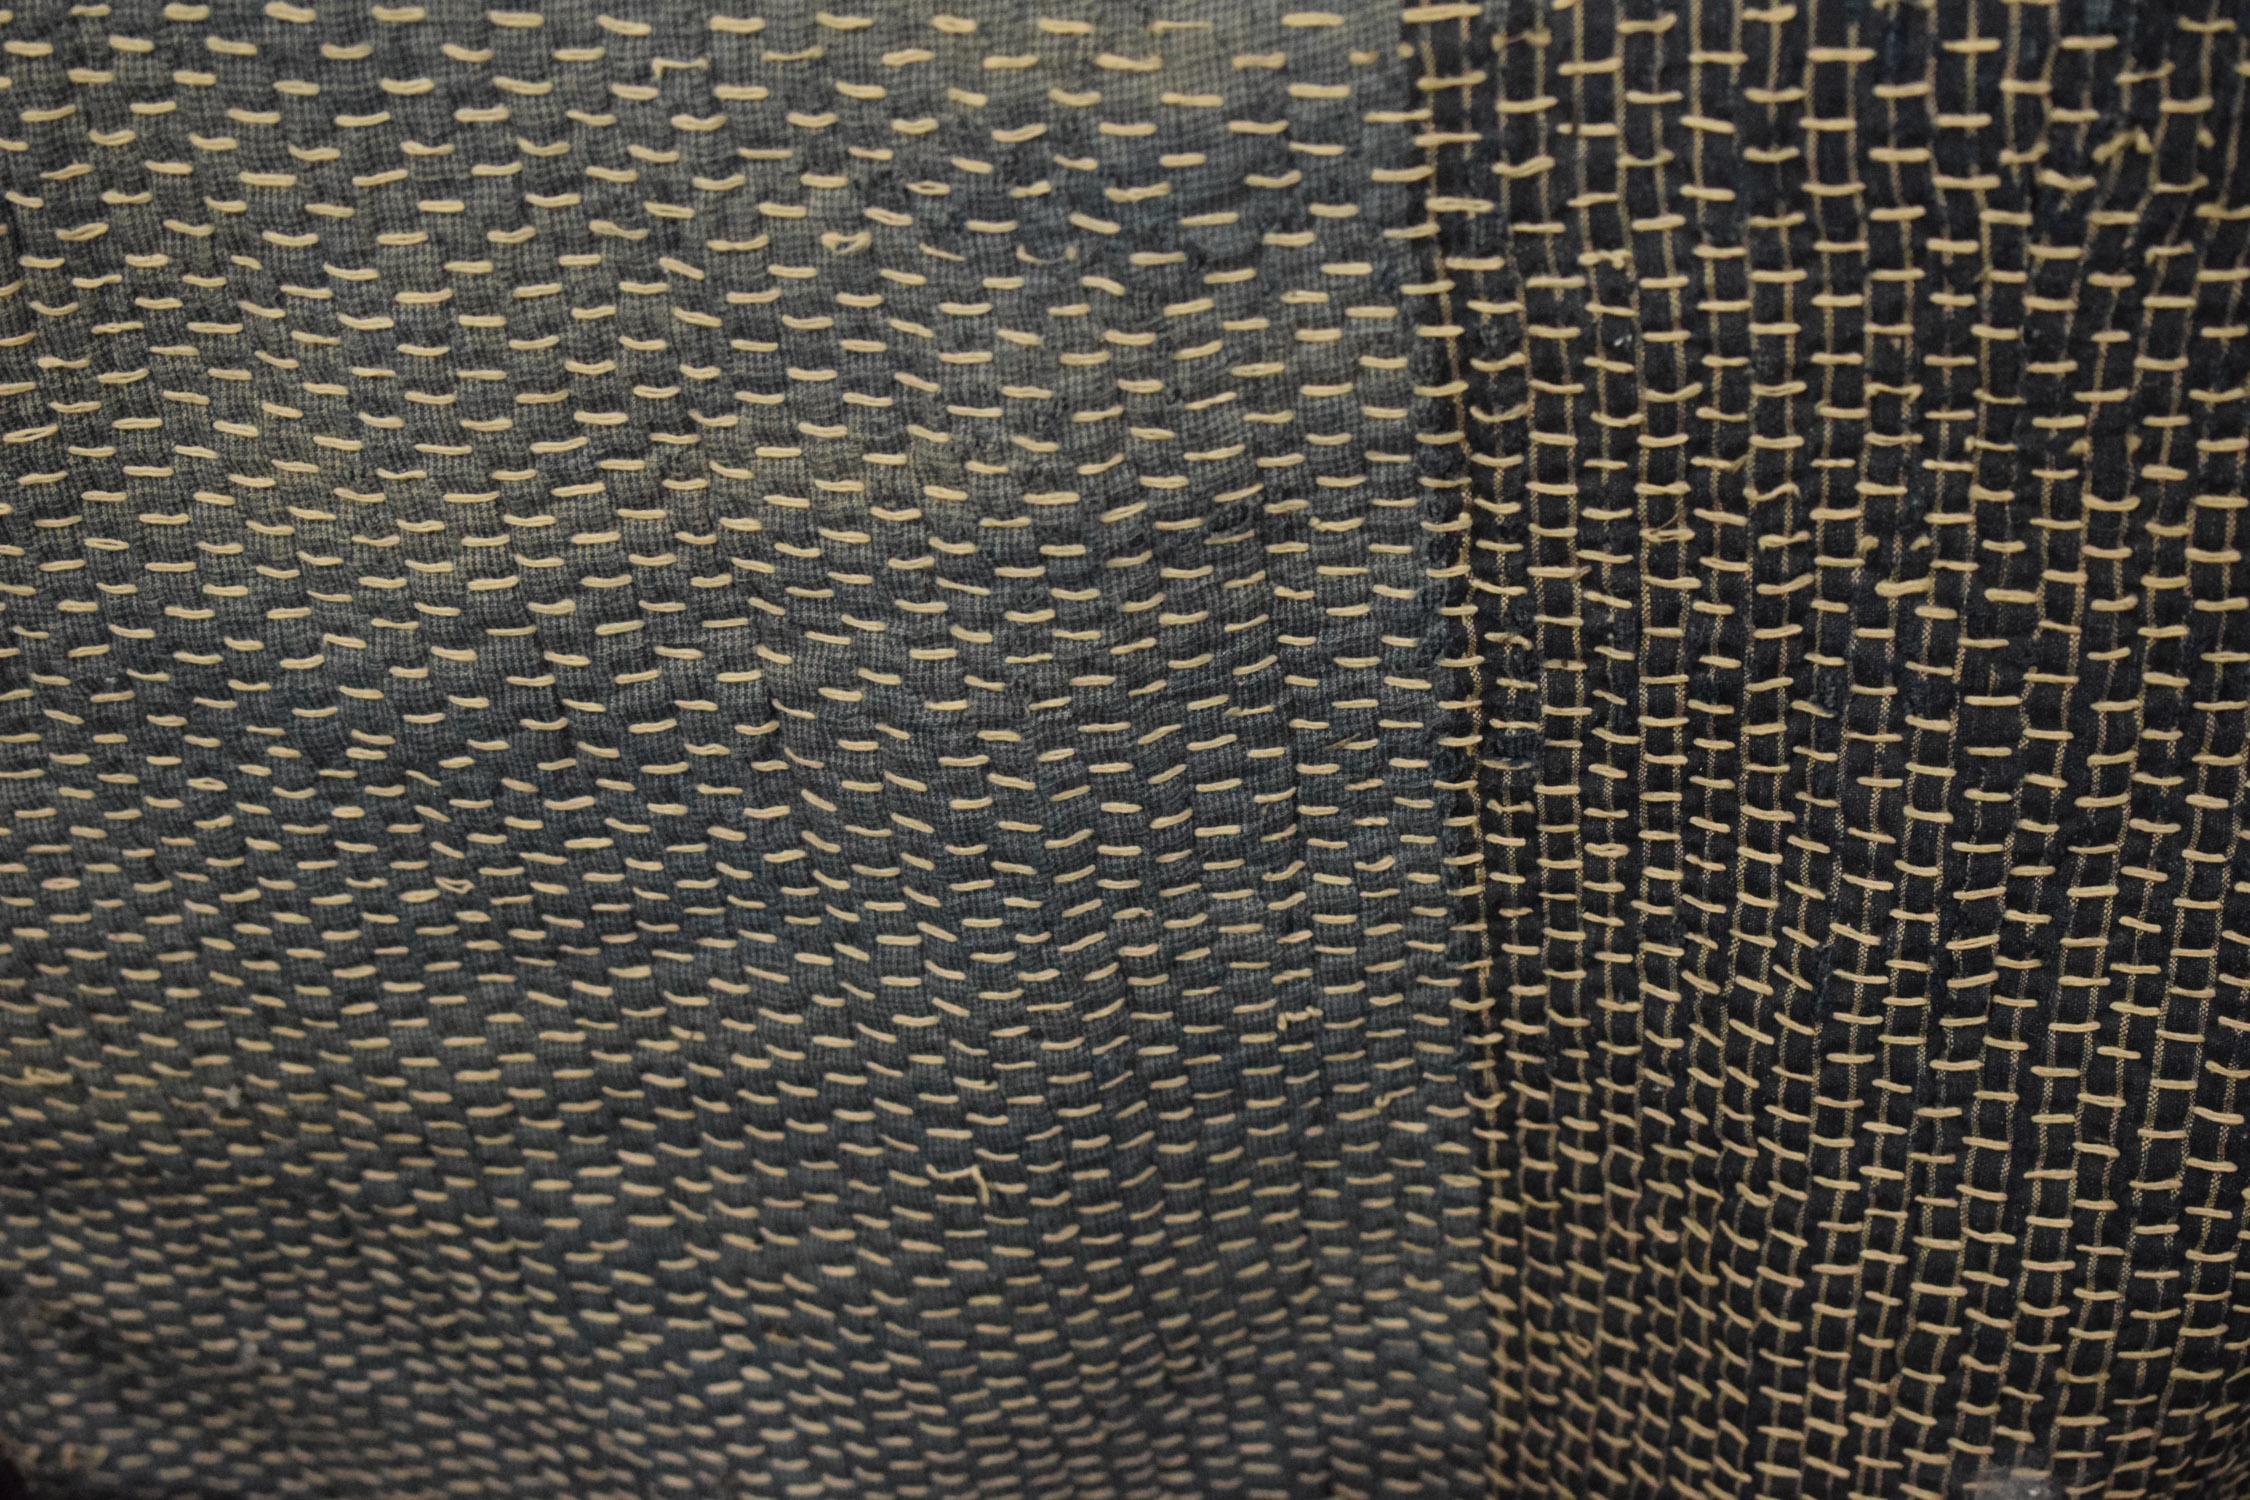 Sashiko/boro stitch on indigo